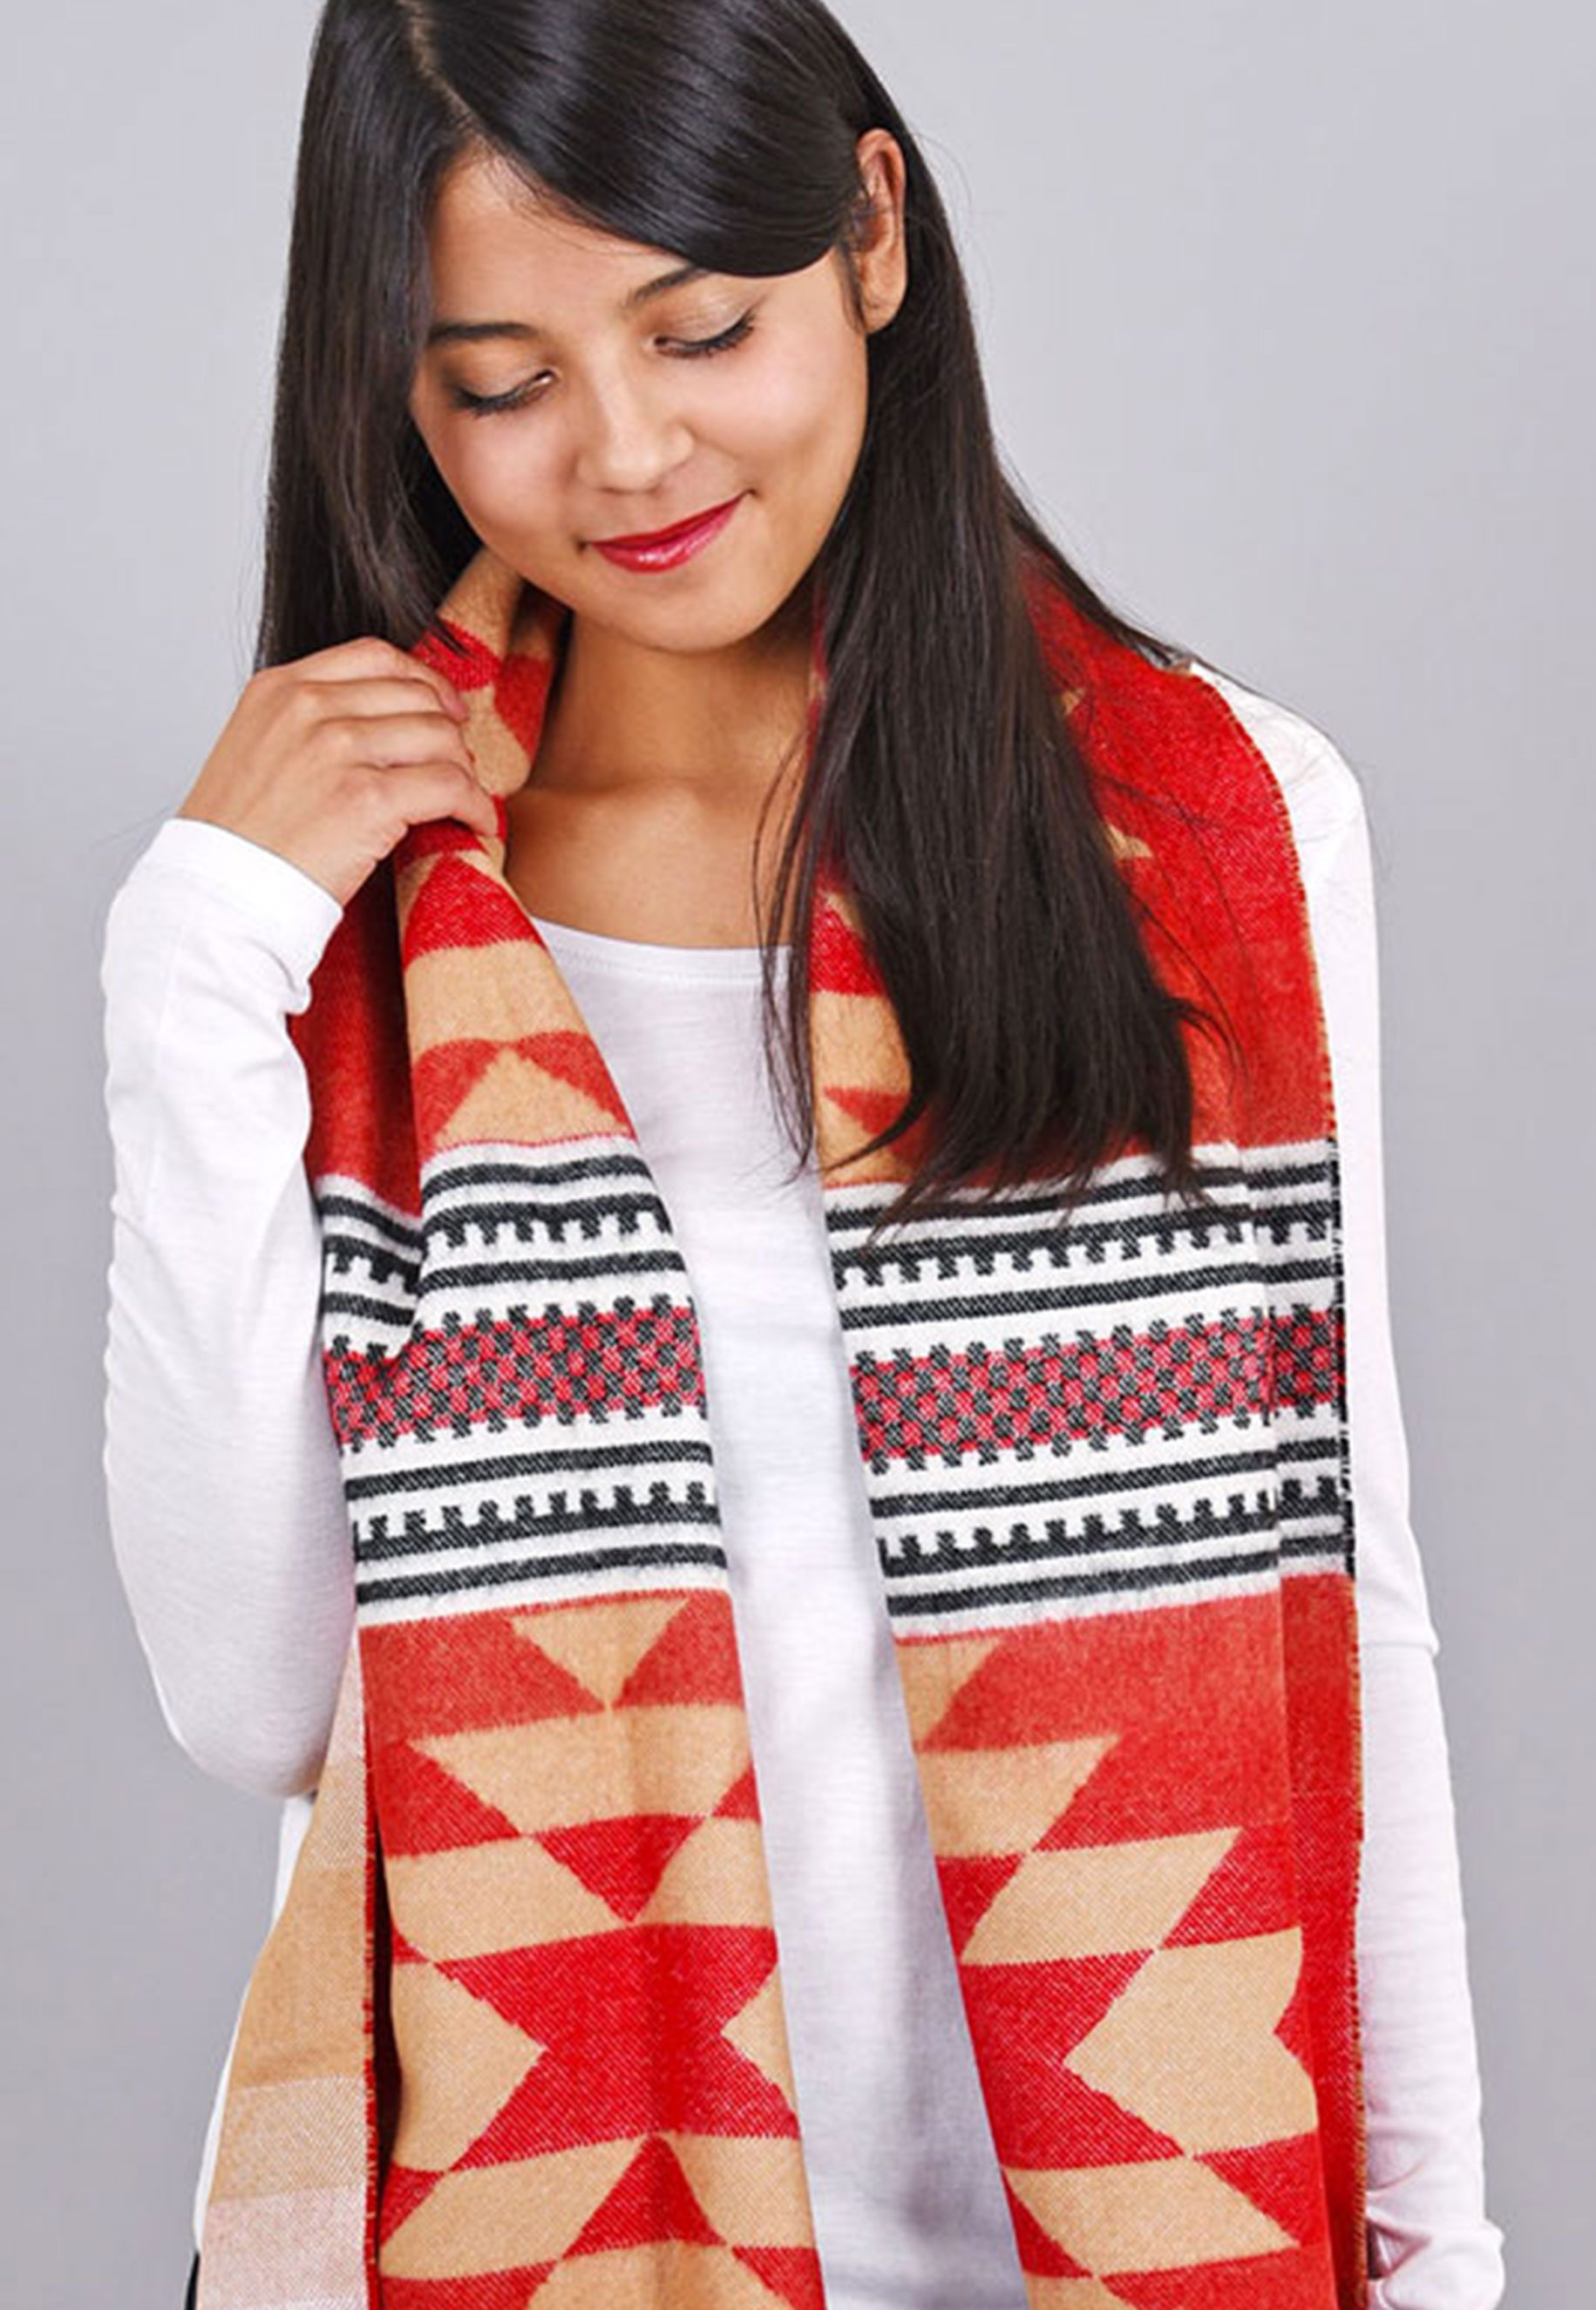 http://lookbook.allee-du-foulard.fr/wp-content/uploads/2018/09/0699-ADF-Accessoires-de-mode-LB-Colorama-automne-Produit-Chale_azteque-1831x2650.jpg